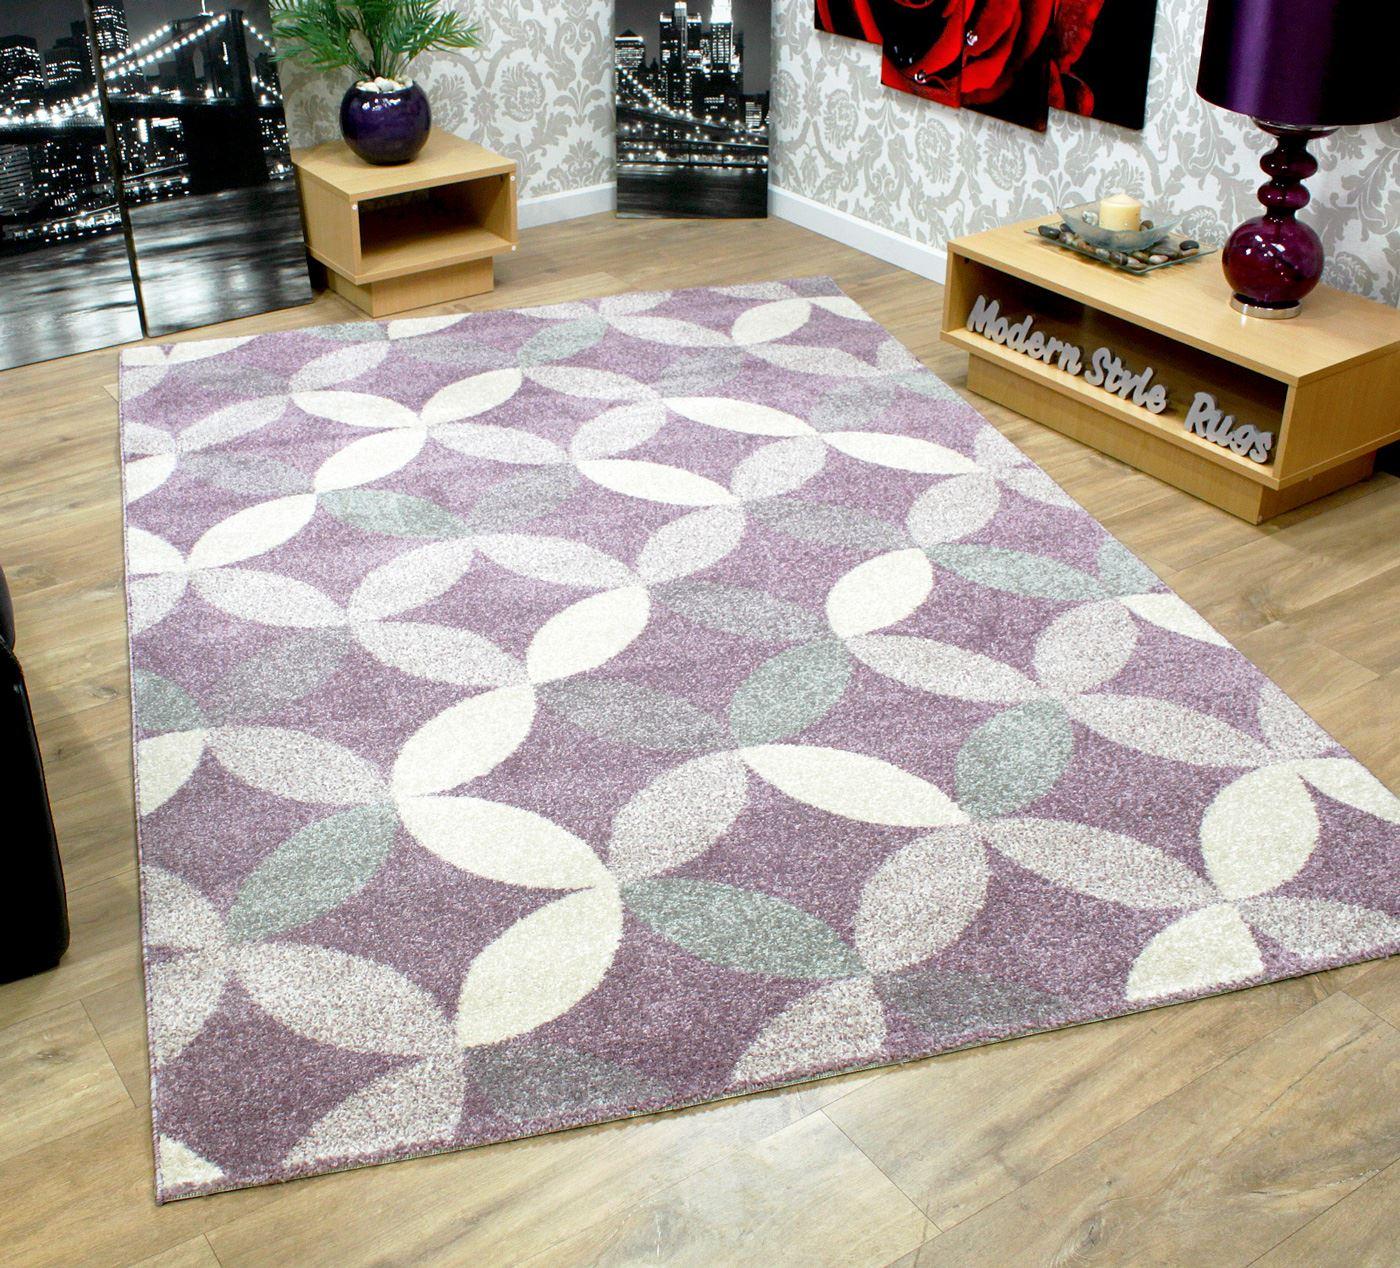 Nuevo gris p rpura crema tacto suave grueso alfombra Alfombras grandes modernas